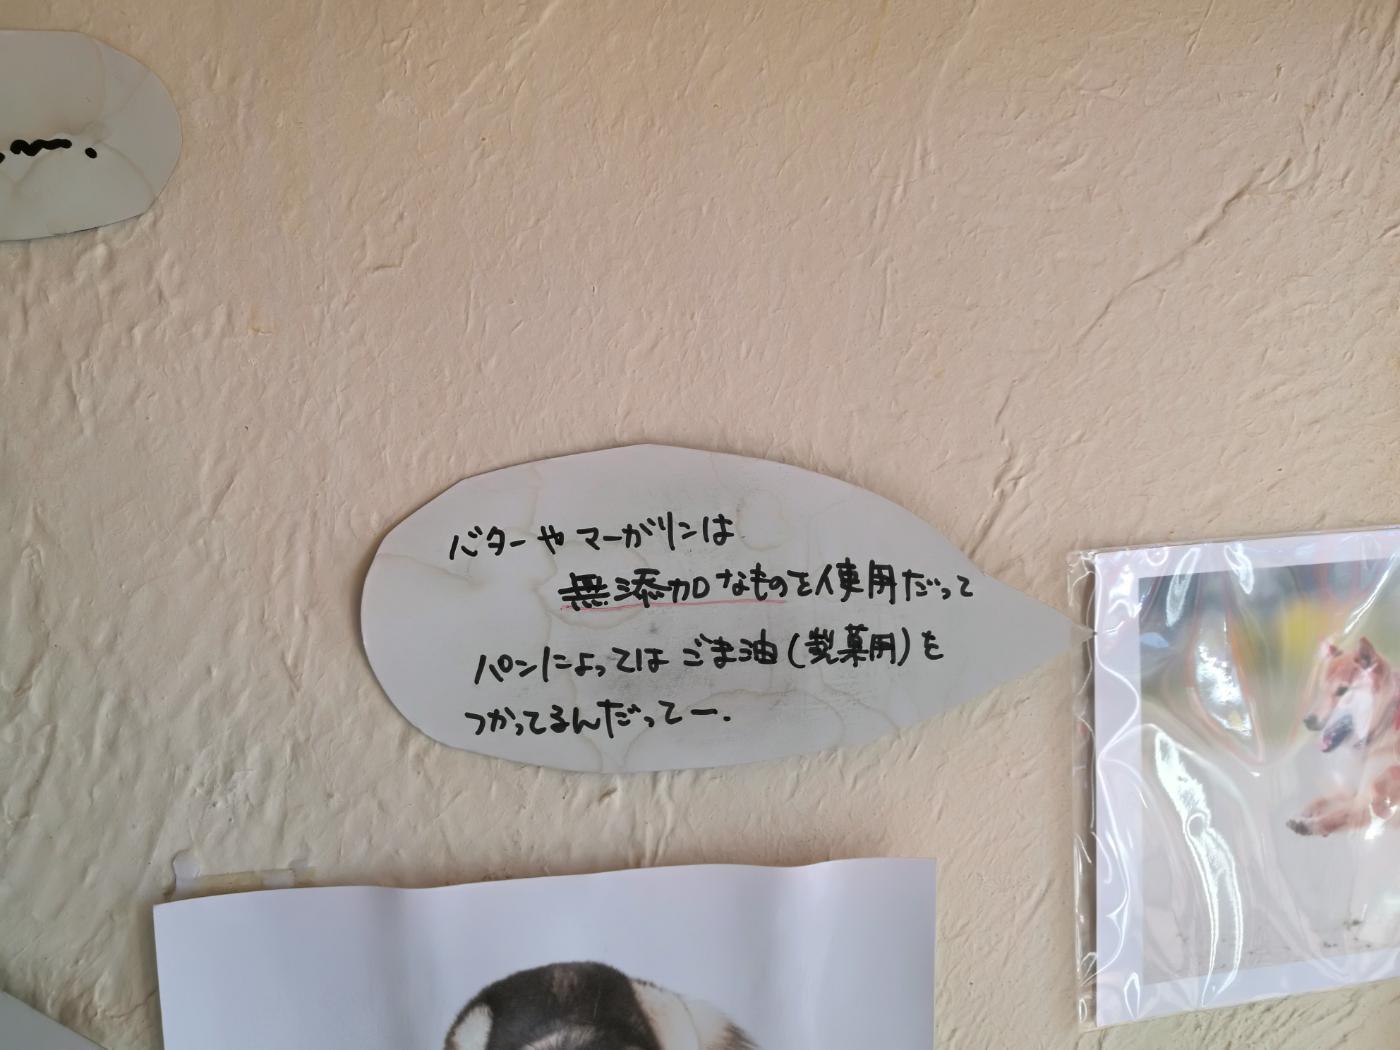 元気パン工房ごぱん壁面写真